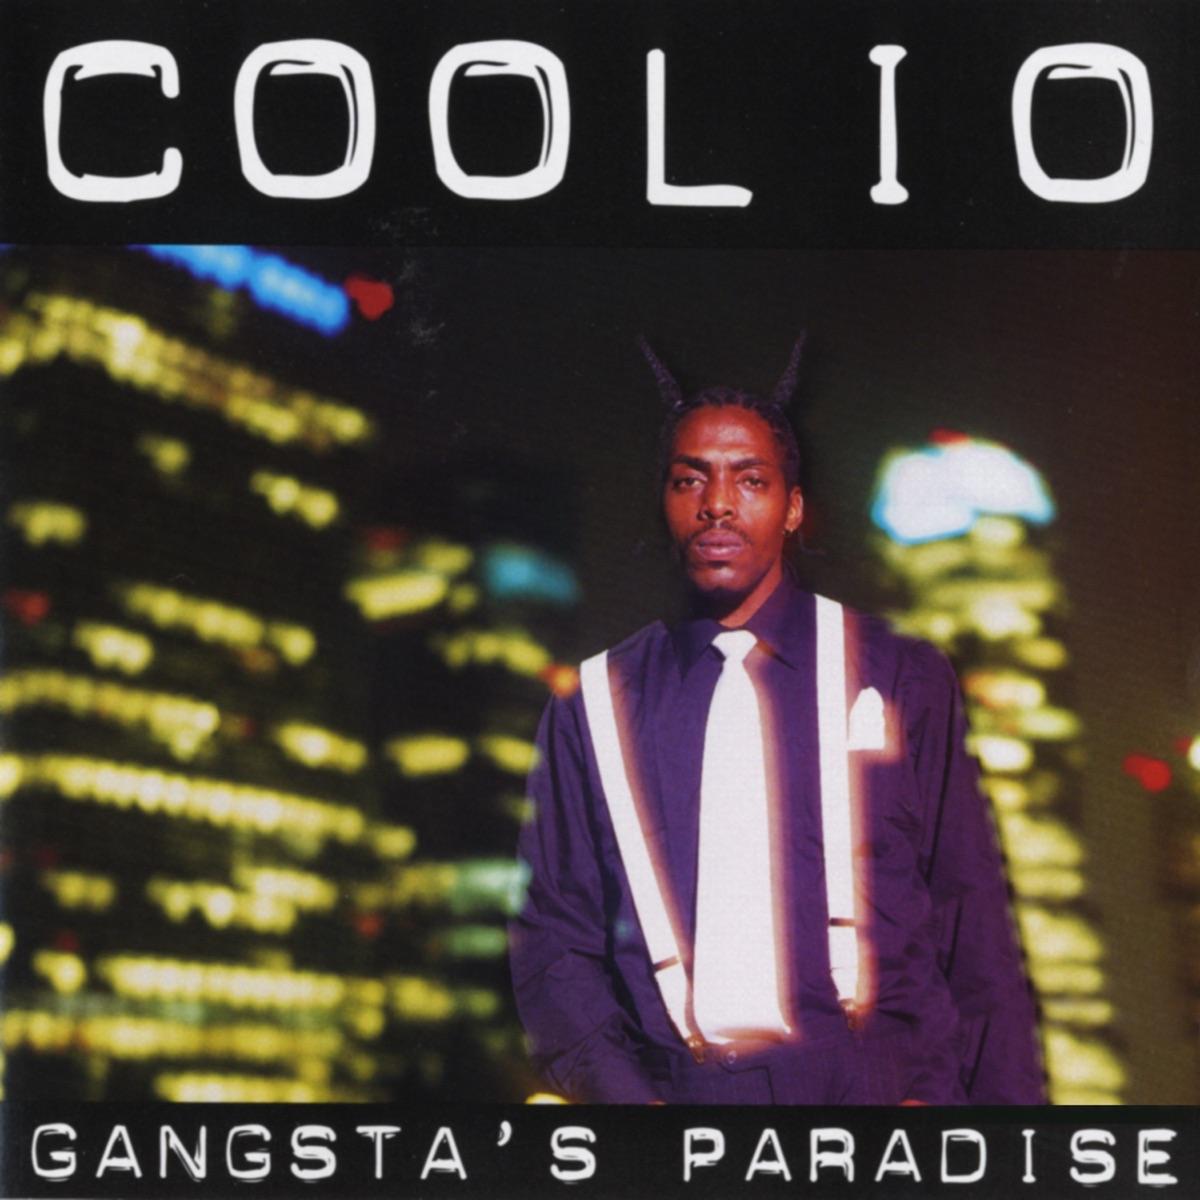 Coolio – Gangsta's Paradise